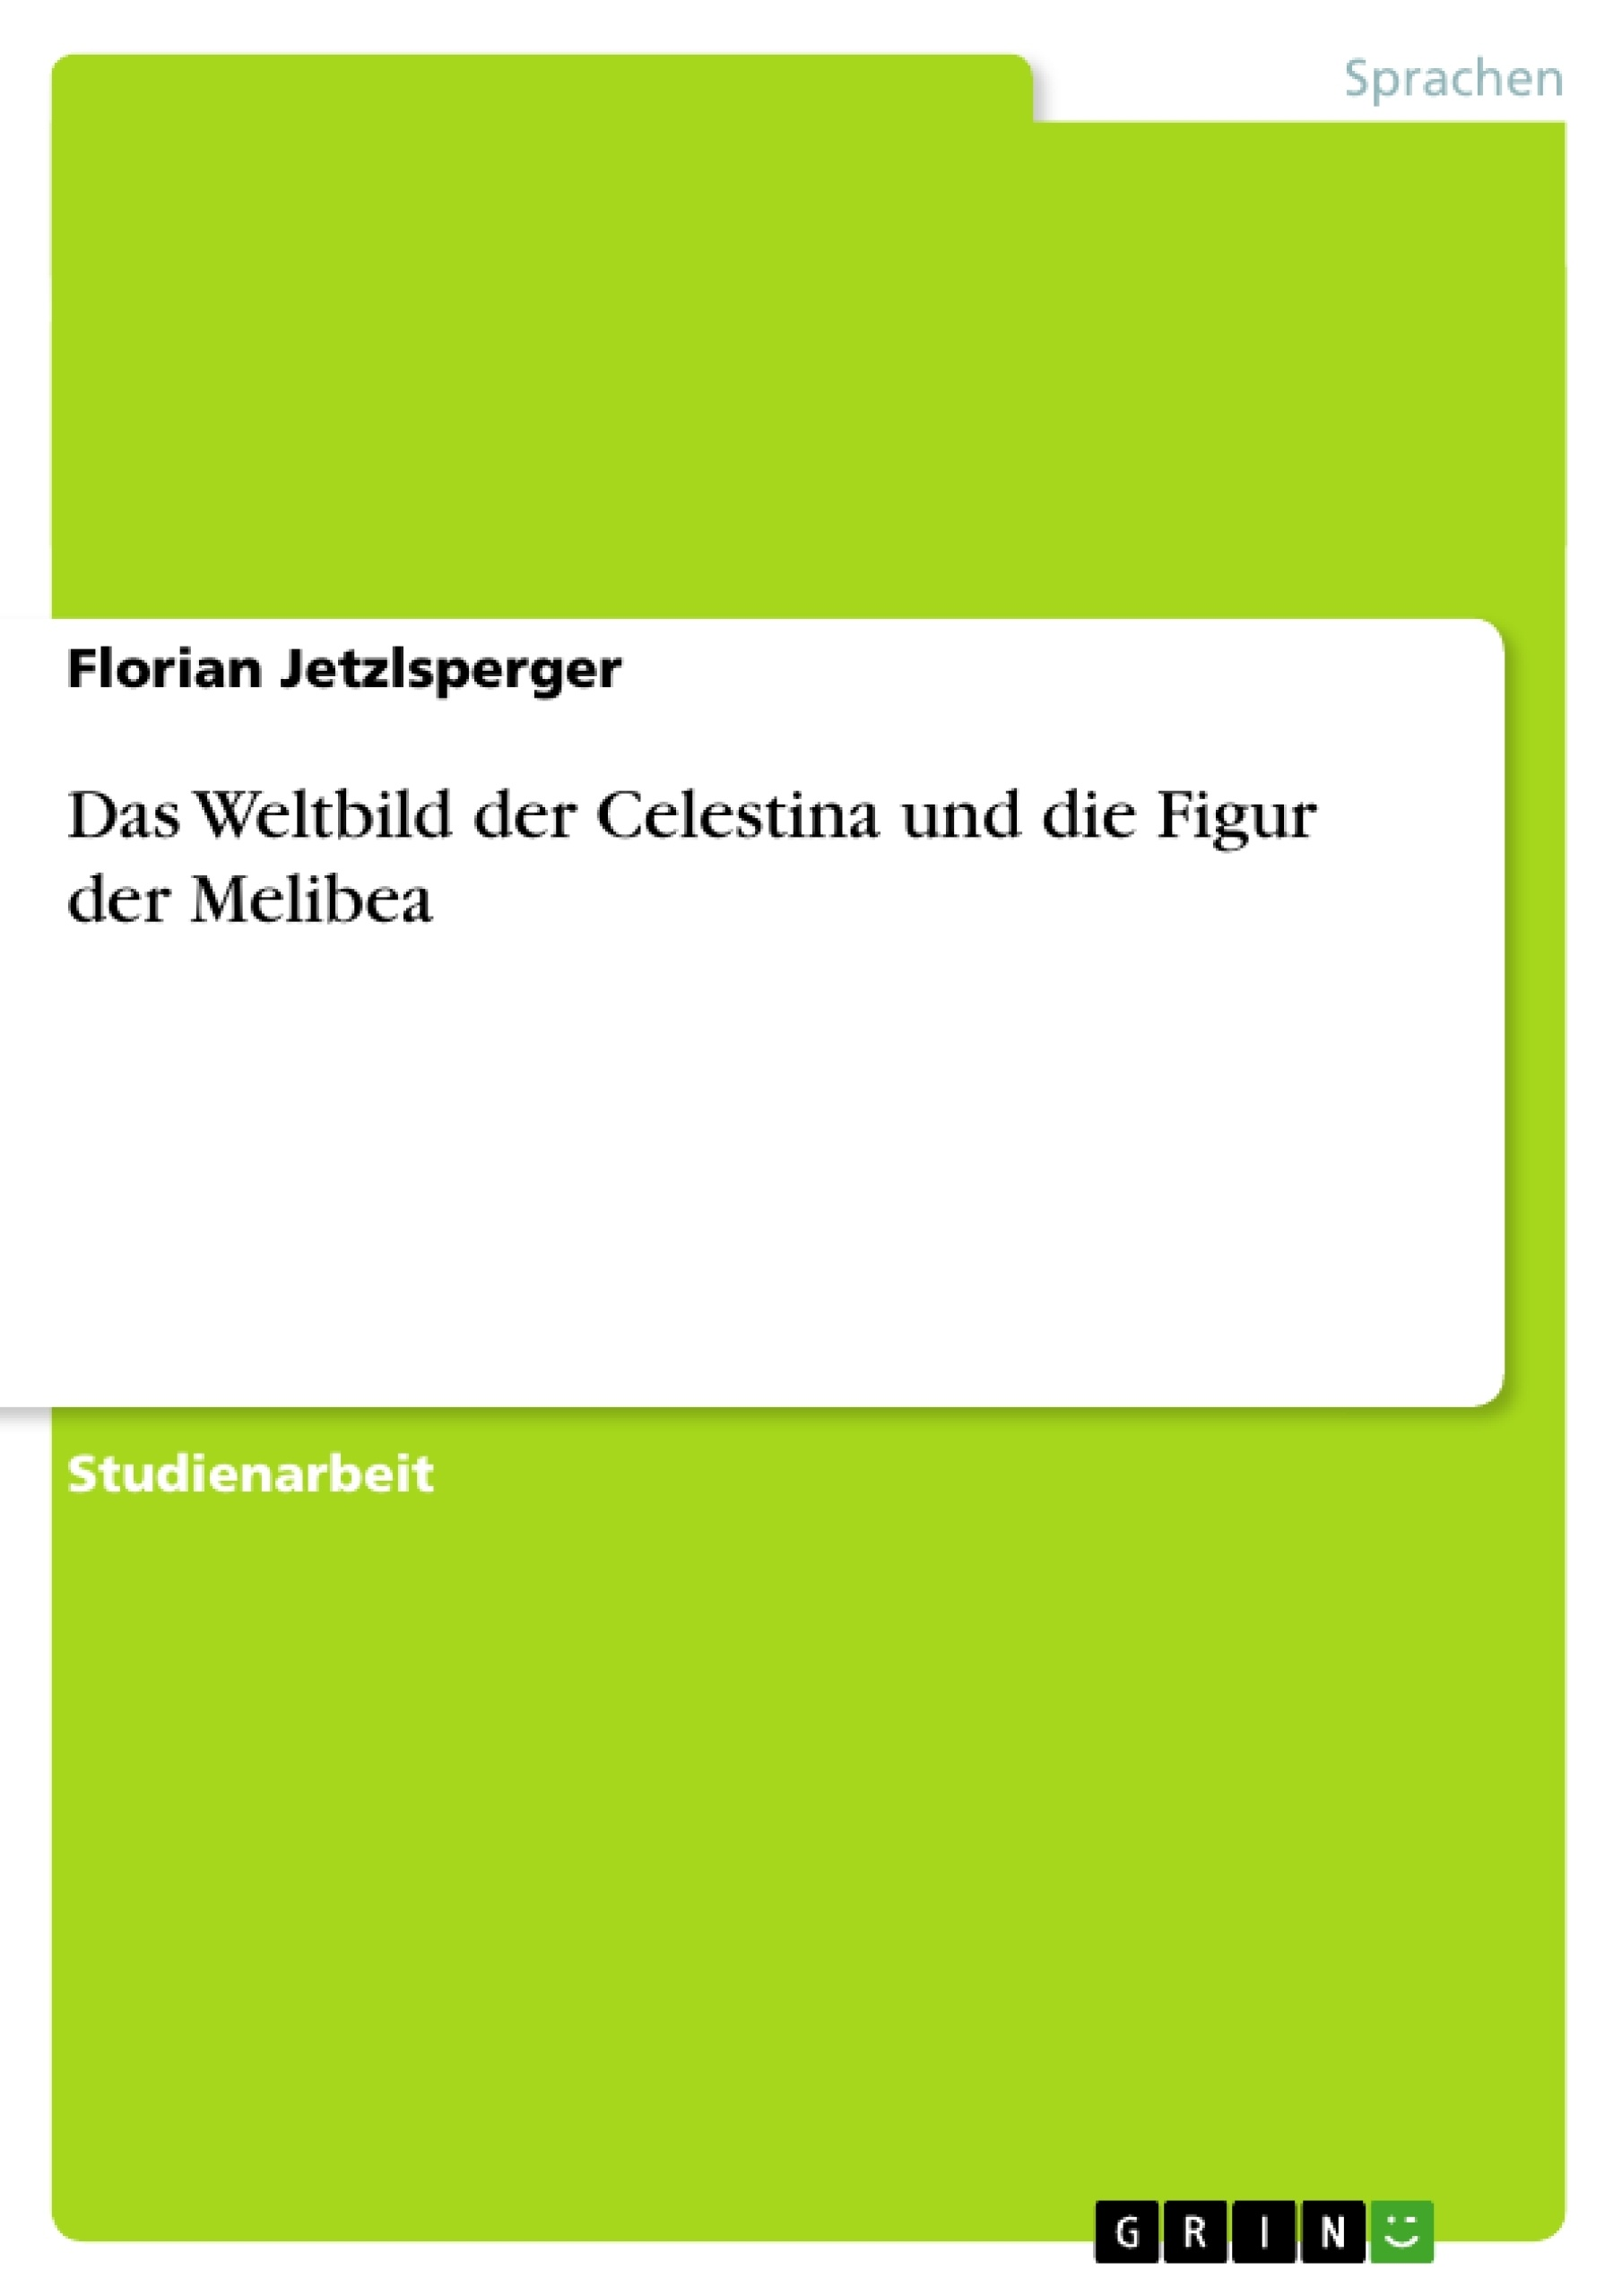 Titel: Das Weltbild der Celestina und die Figur der Melibea